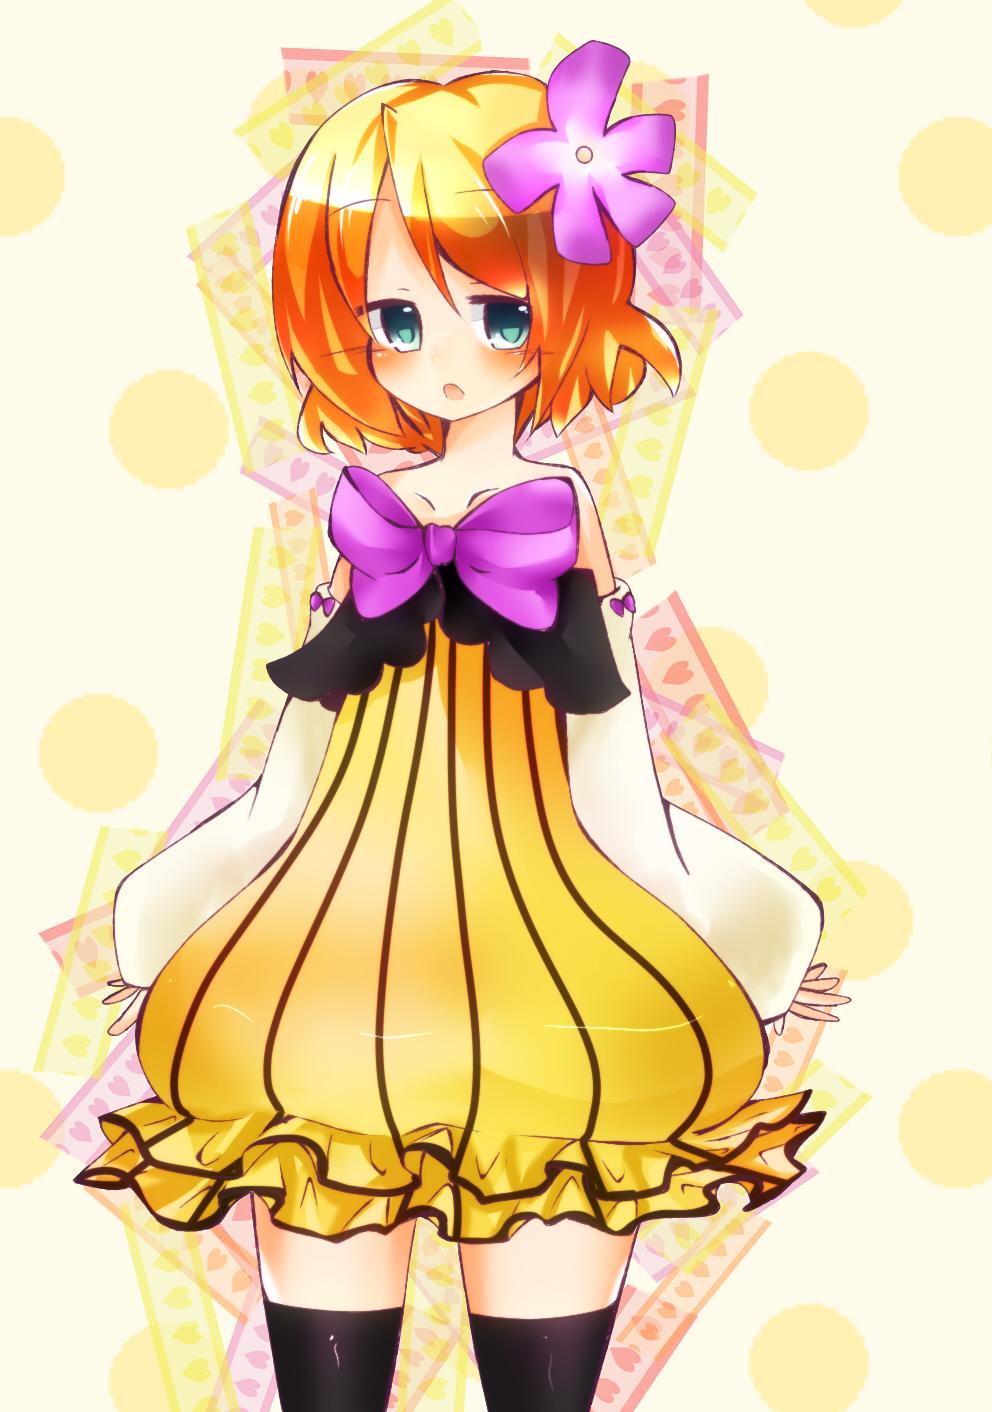 Colorful x Melody/#1112011 - Zerochan